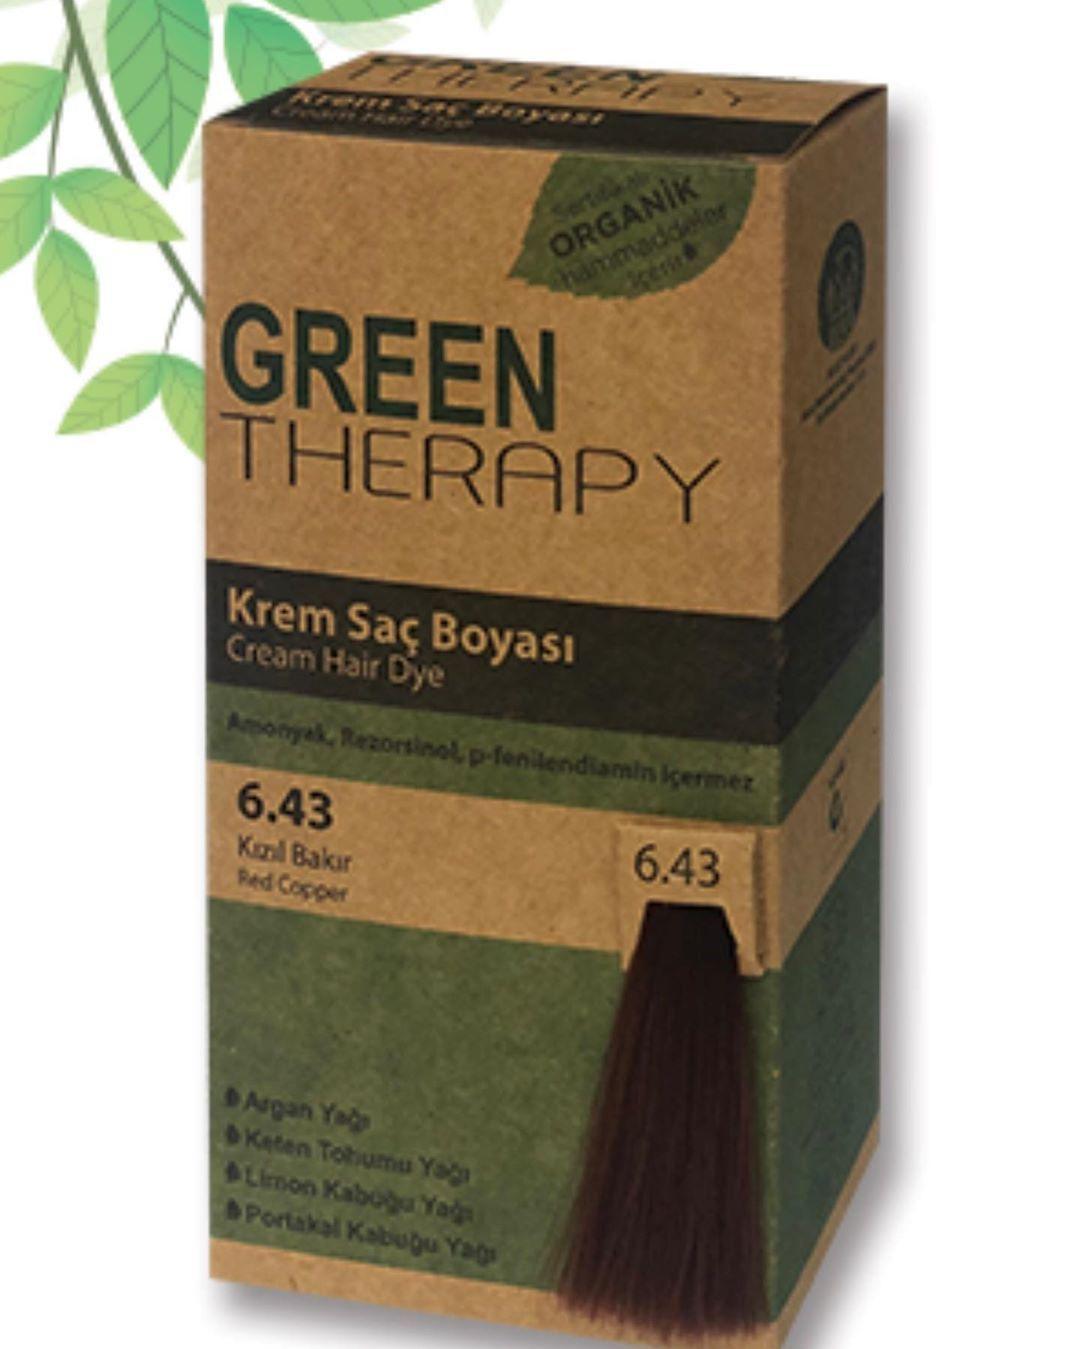 صبغة Green Therapy صبغة بمكونات طبيعية خالية من الأمونيا التي تسبب تهيج في فروة الرأس والحروق يحتوي عل Black Natural Hair Care Black Hair Care Hair Color